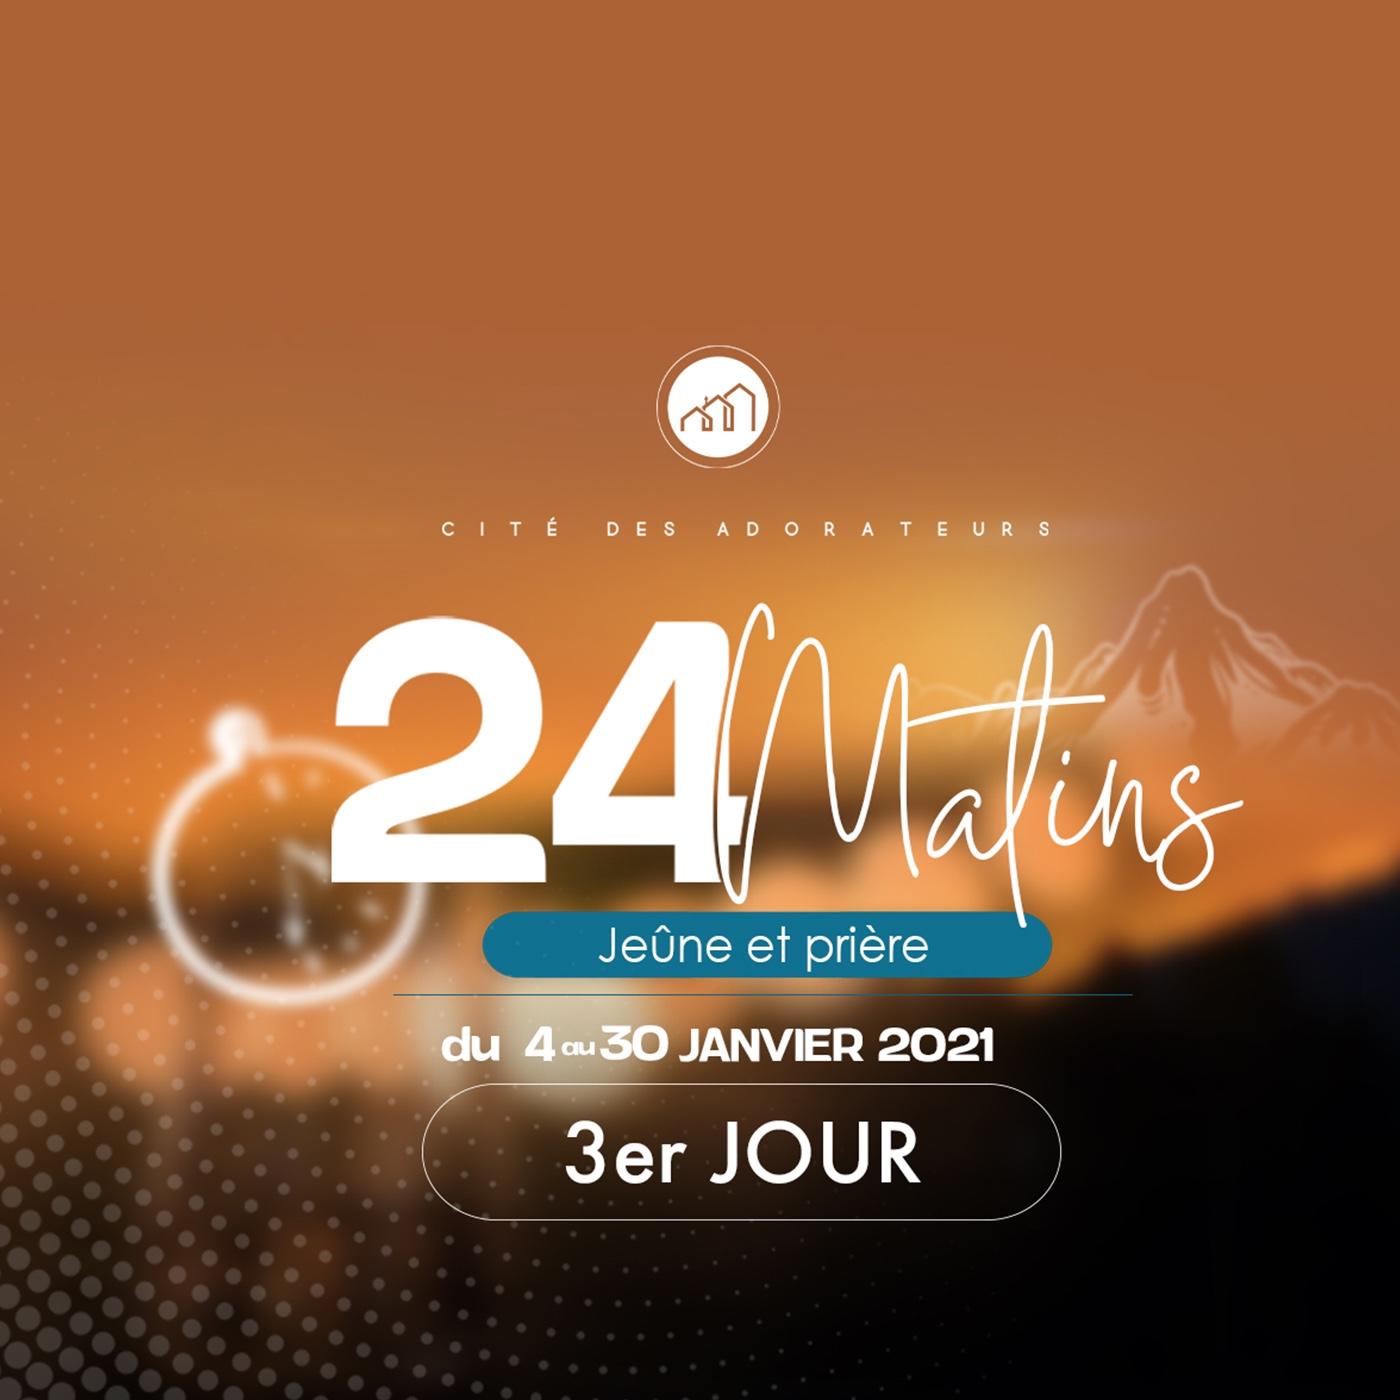 24 MATINS 3ème JOUR